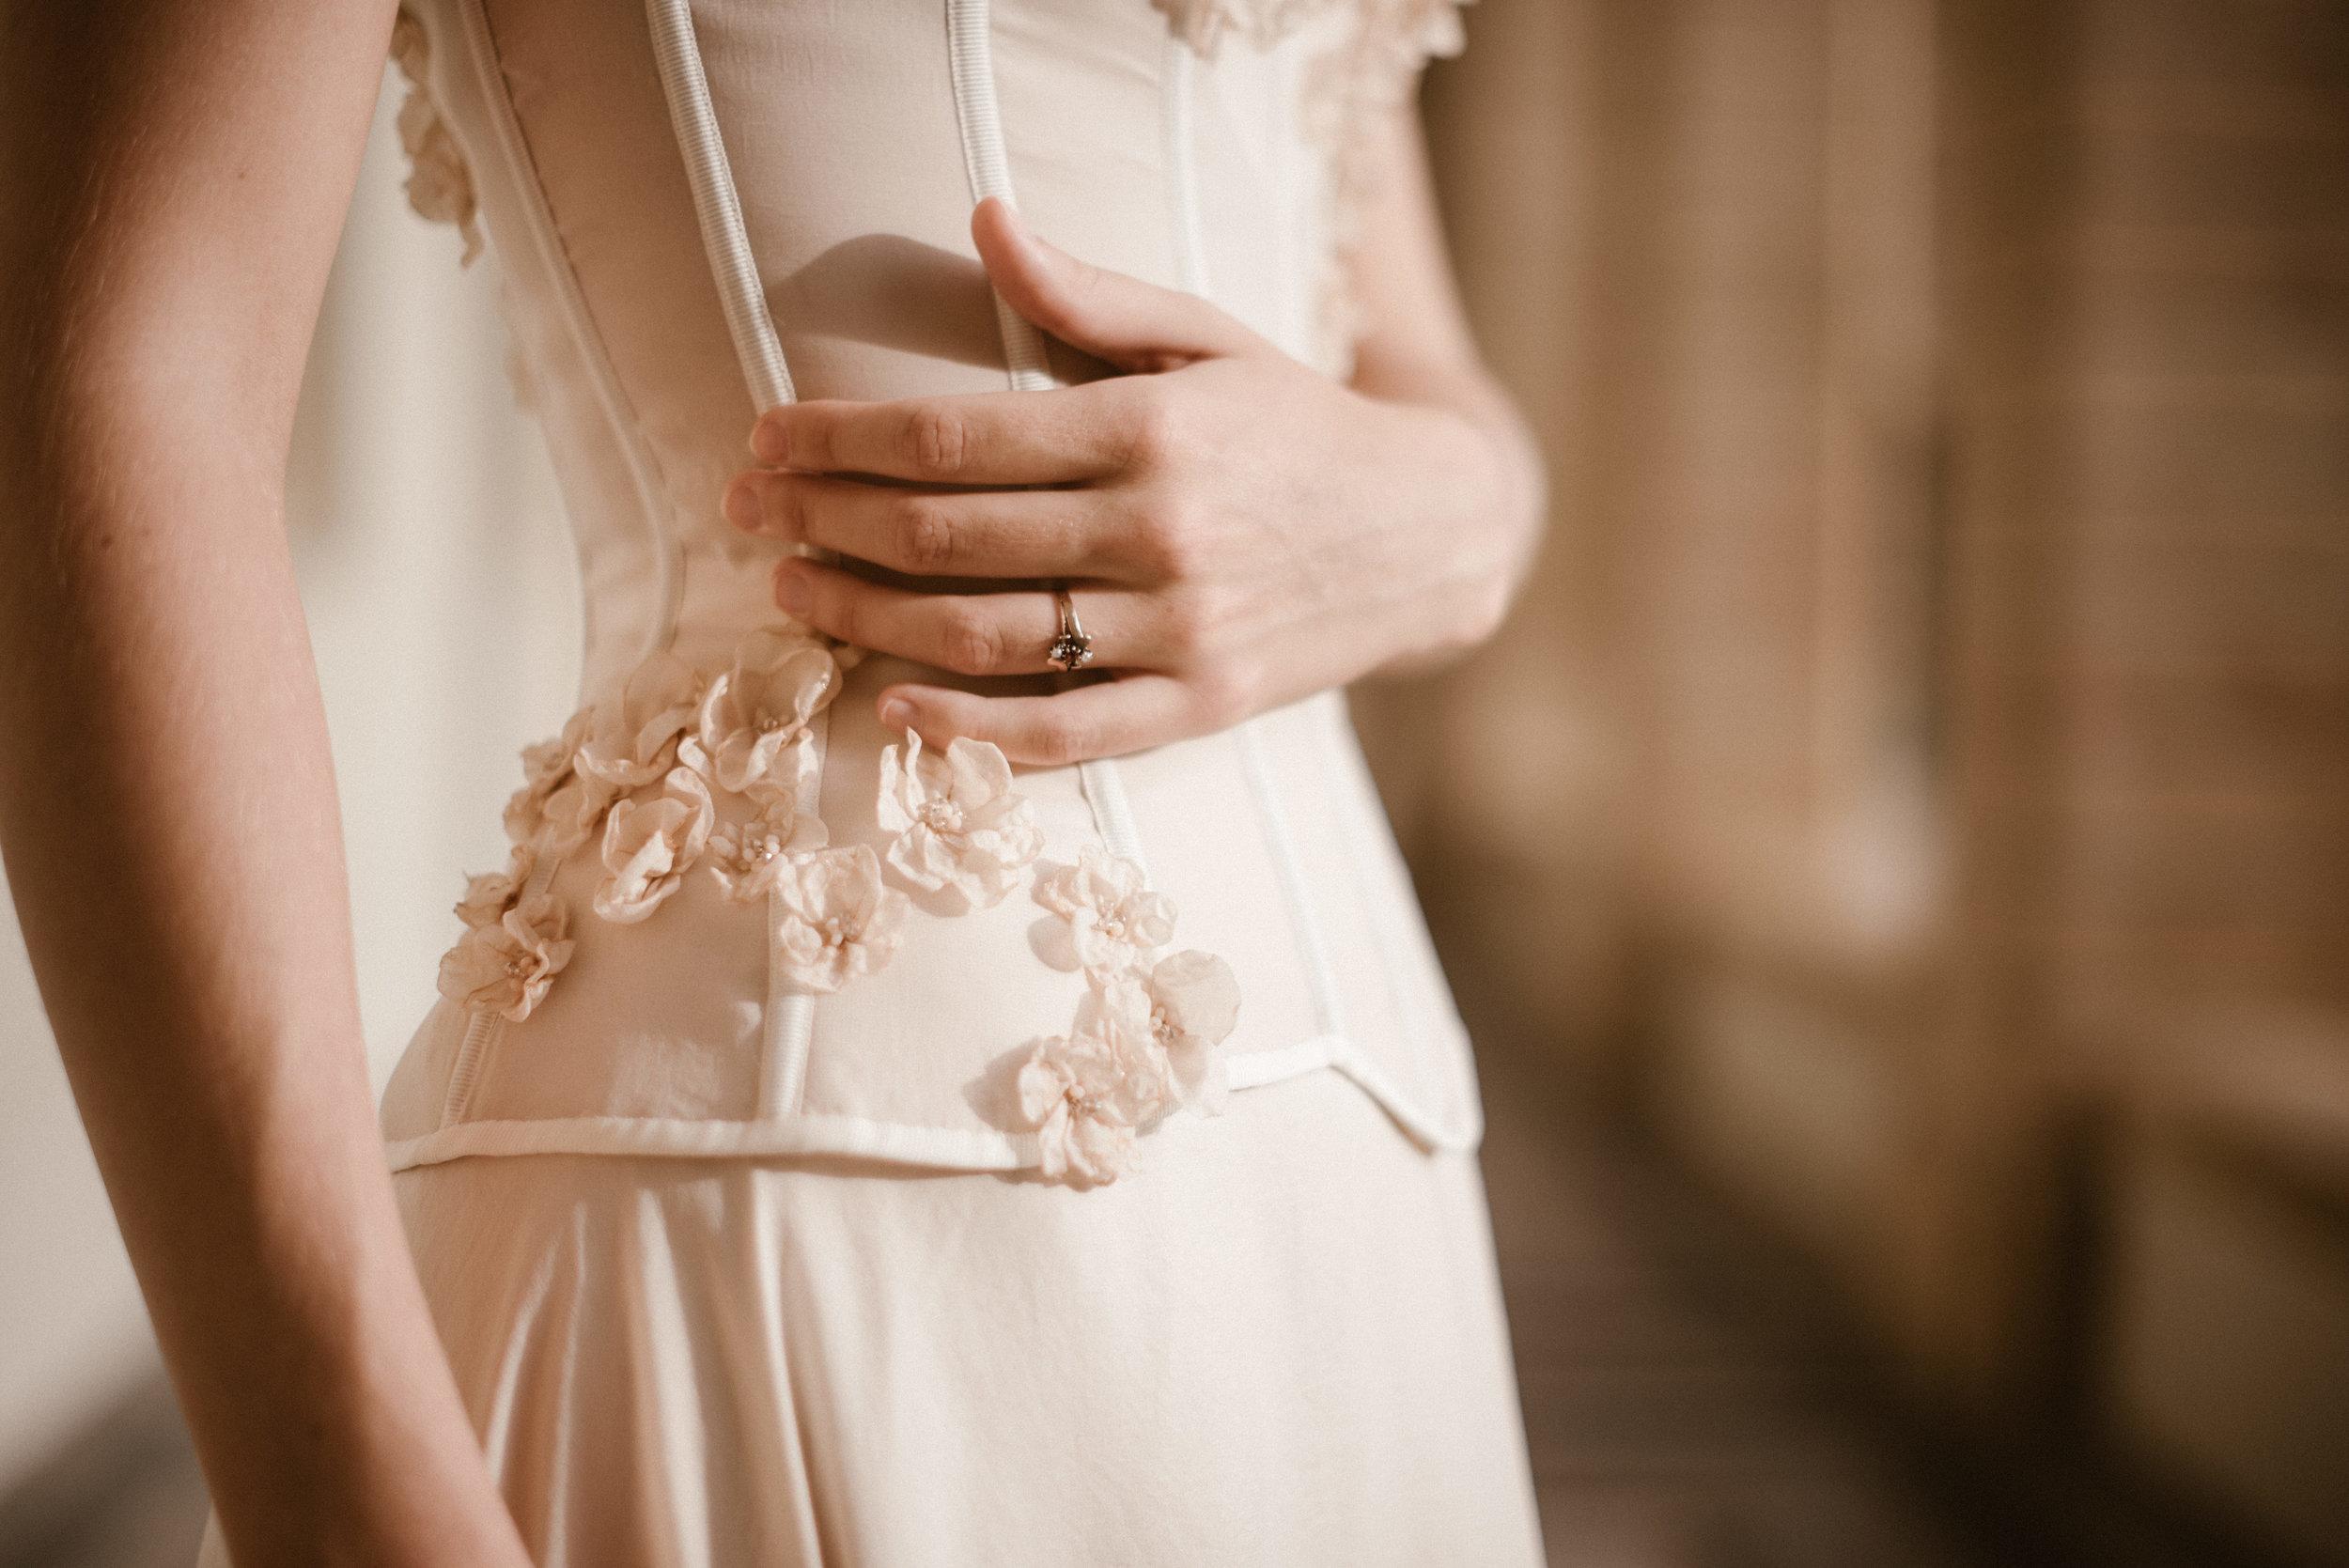 Robe Nuée de Pourpre - Robes corsetées